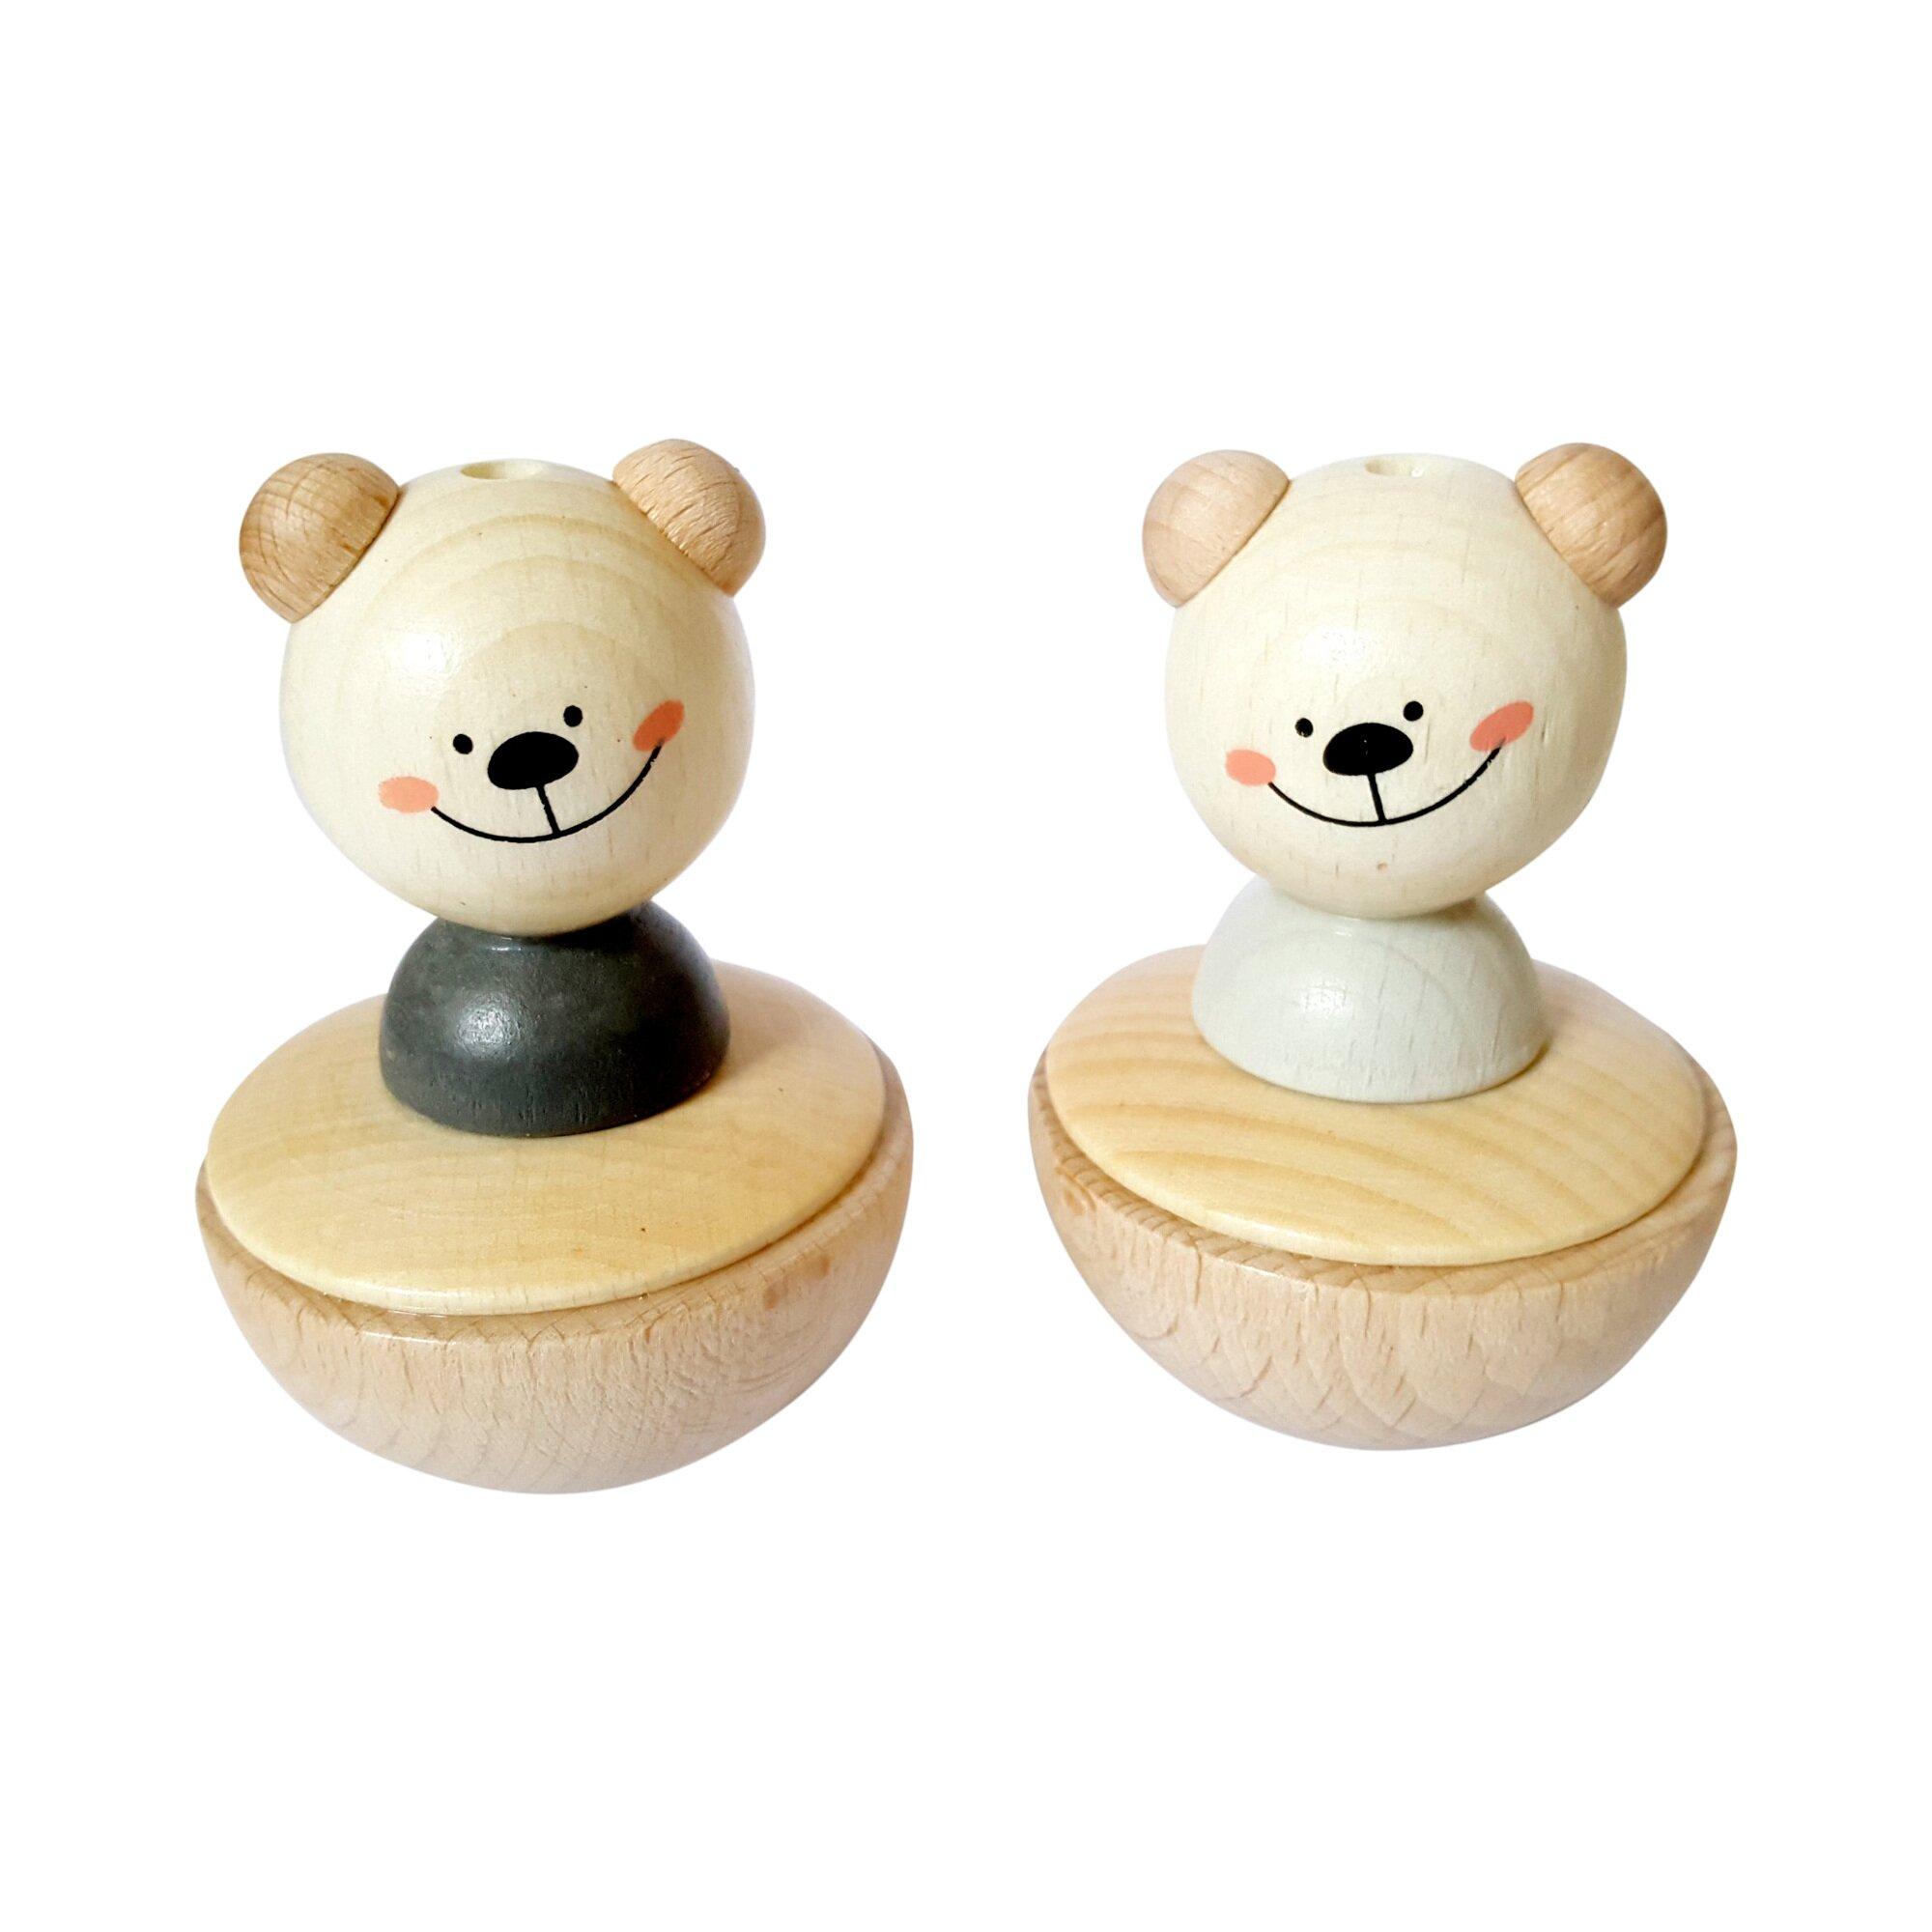 Hess Spielzeug Stehaufmännchen Bär aus Holz sortiert